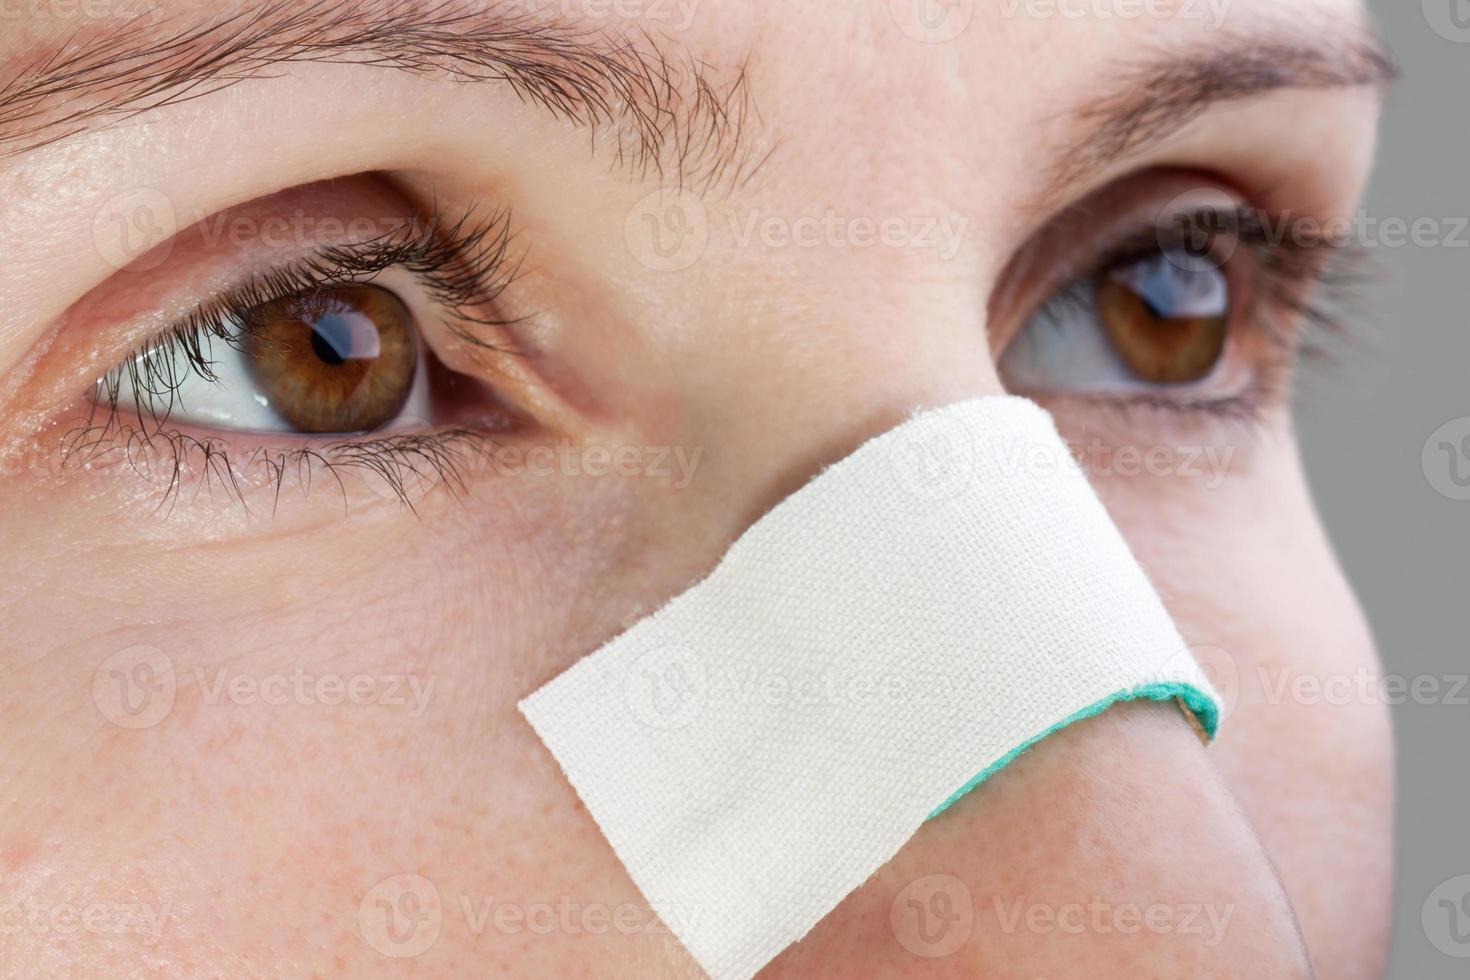 cerotto sul naso della ferita foto